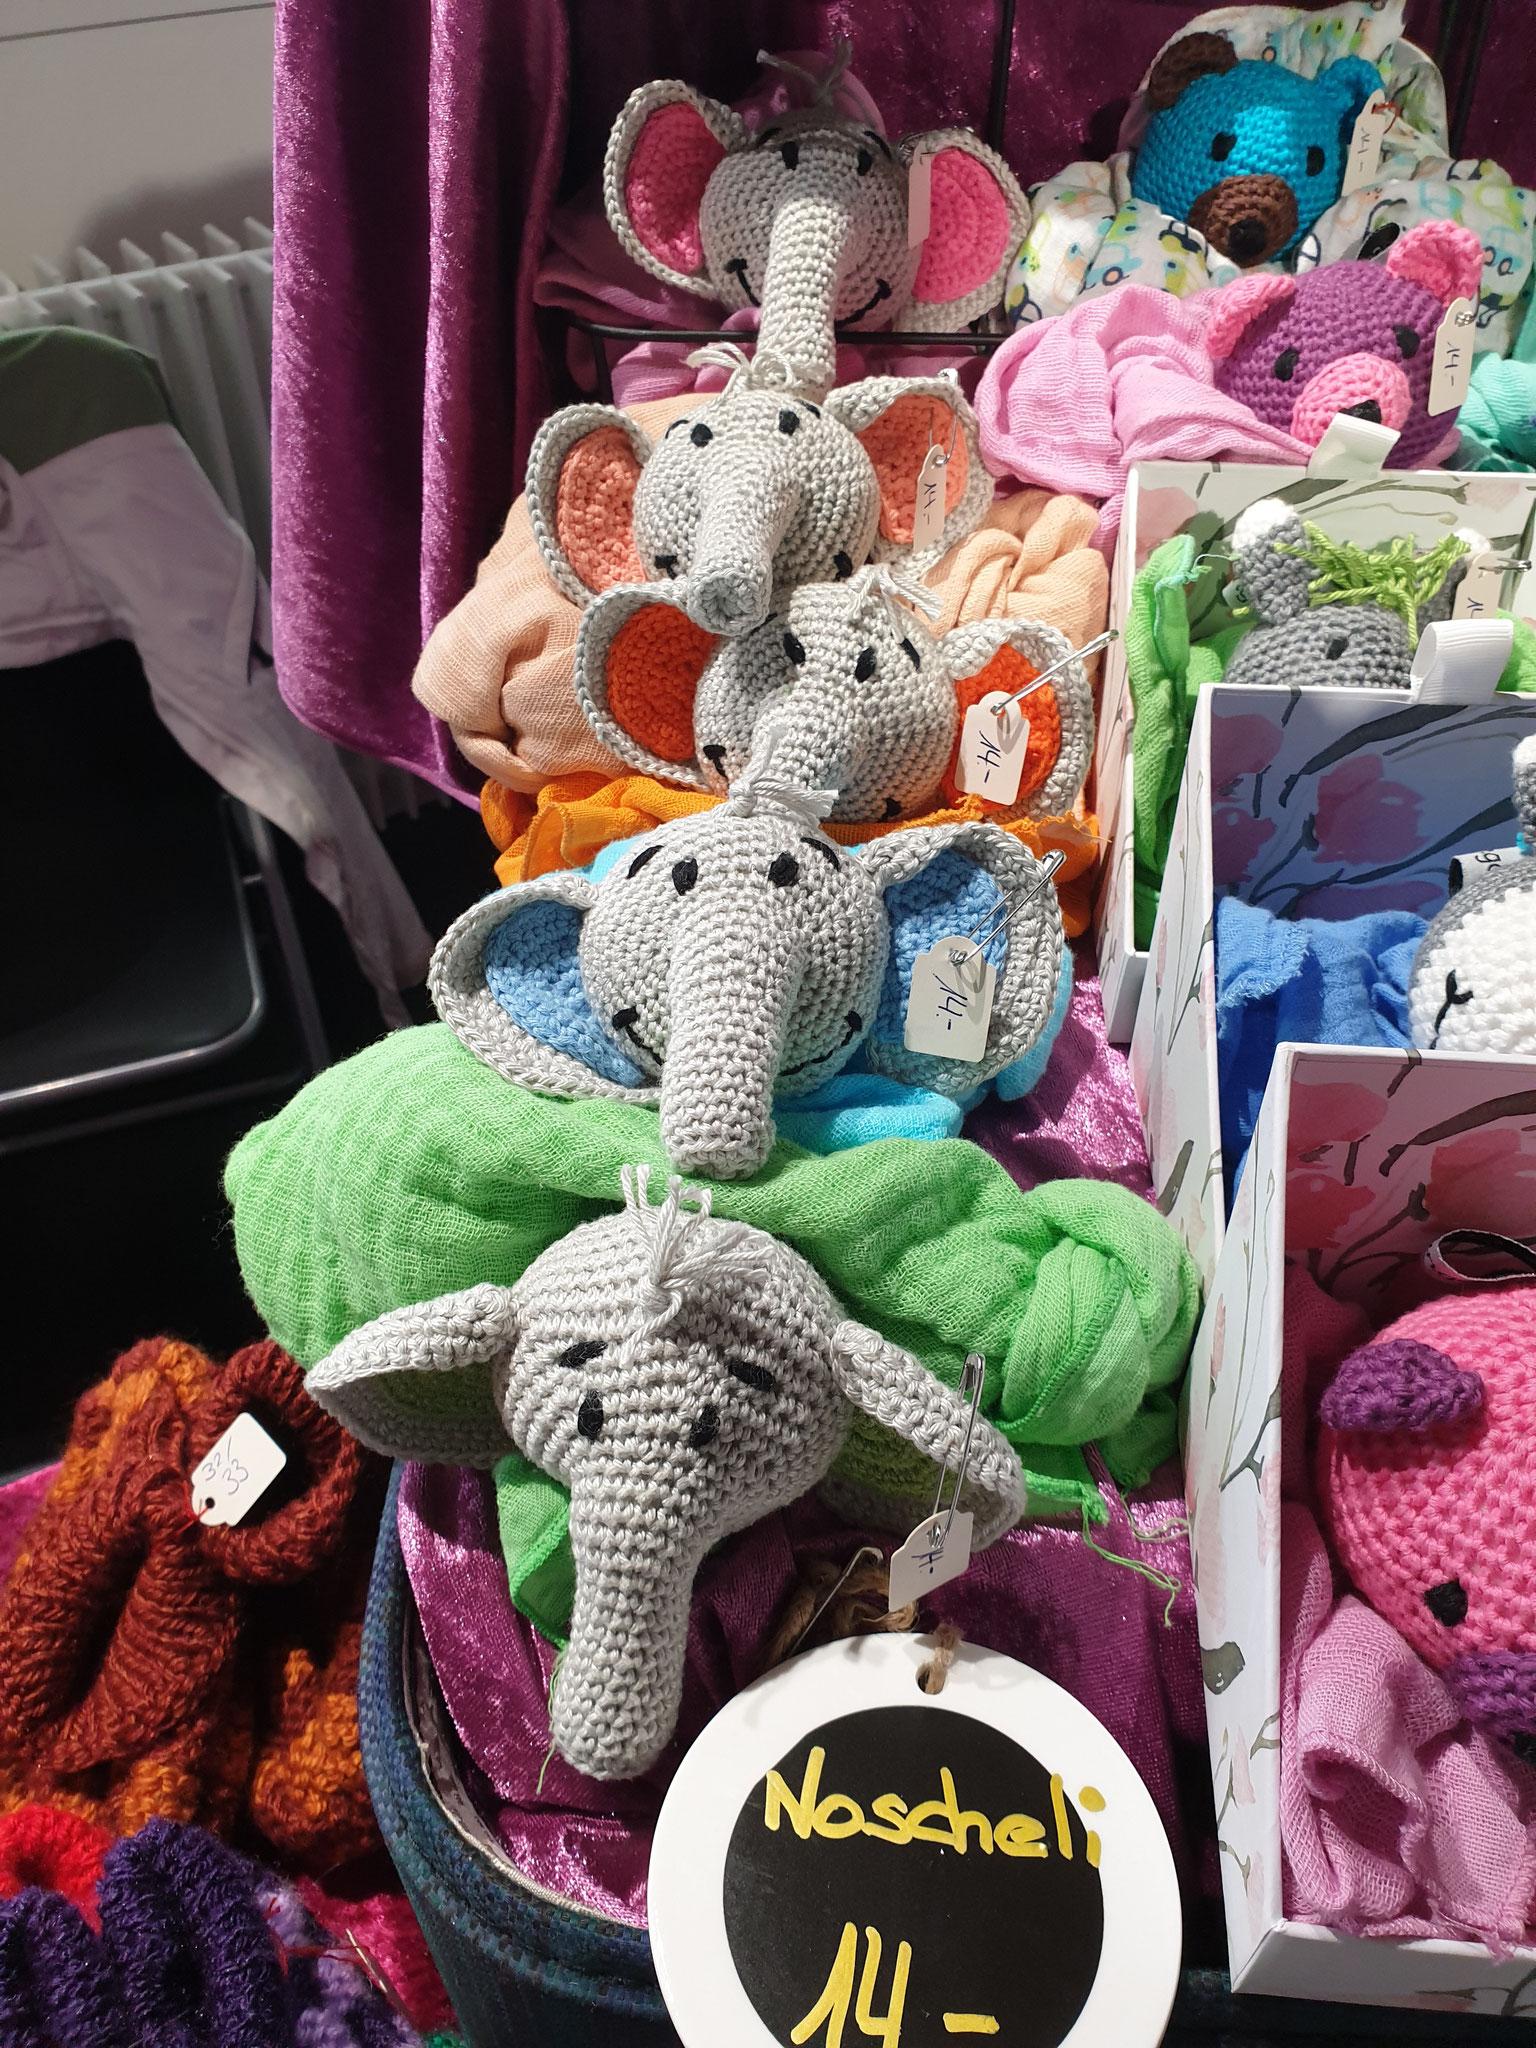 Noscheli  / Schnuffeltücher mit angenähtem Tierkopf. Elefanten, Esel, Bären, Schildkröten, etc.